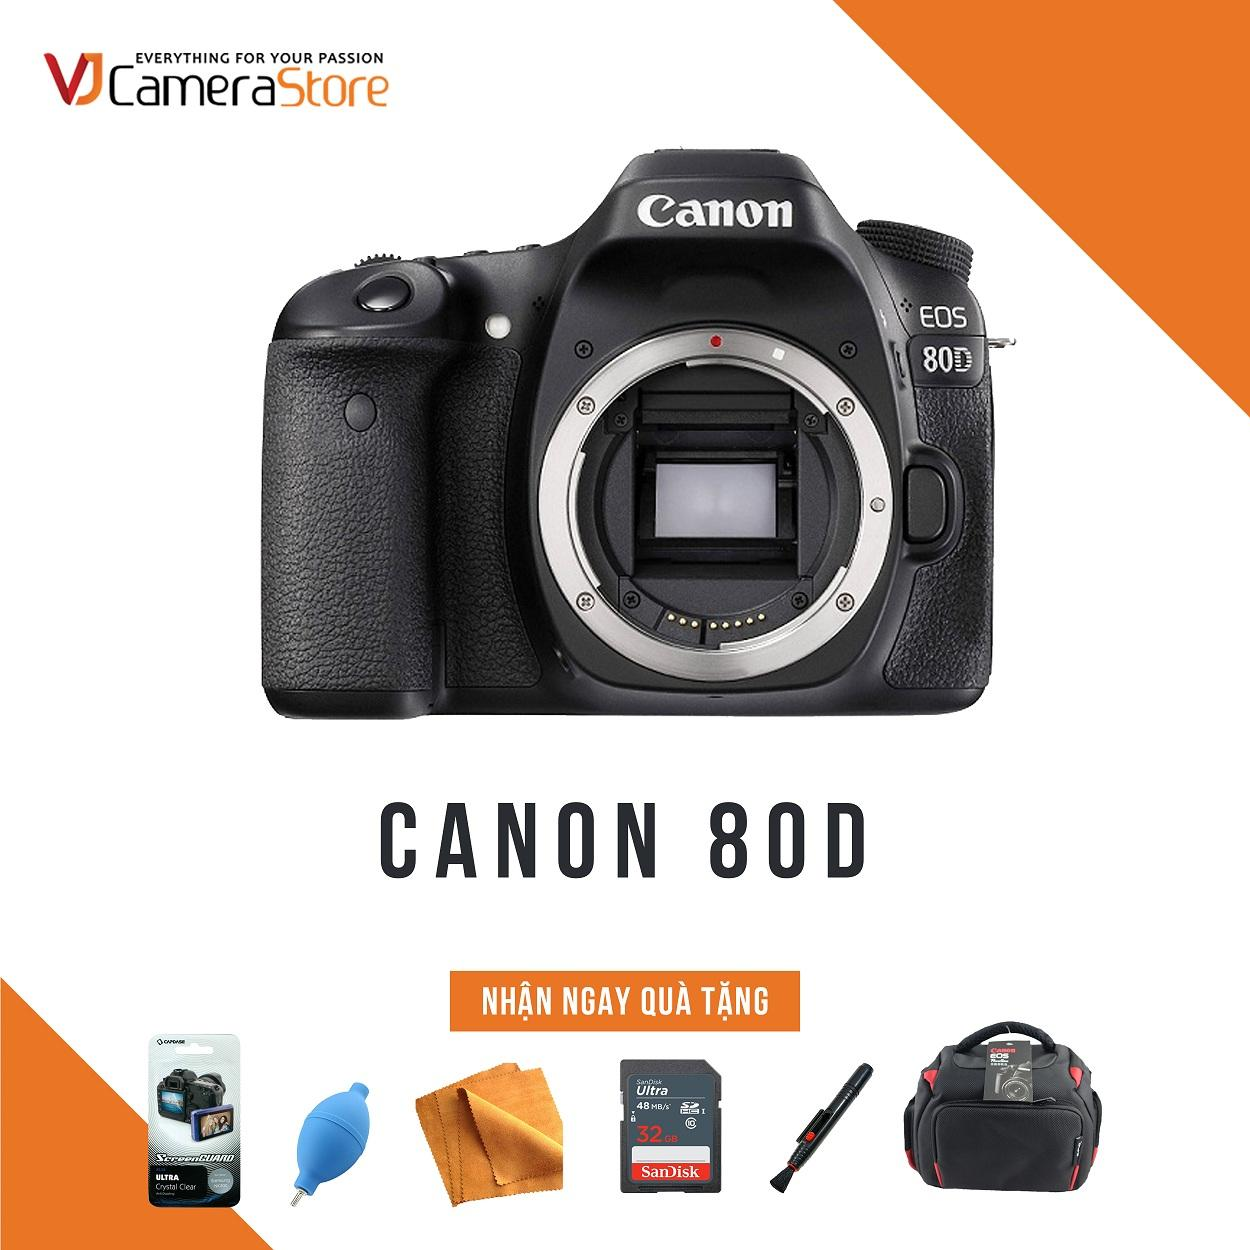 Canon Body EOS 80D - Nhập Khẩu, Tặng kèm thẻ nhớ 32gb, túi Canon Focus, bóng thổi, khăn lau, bút lau lens, dán màn hình